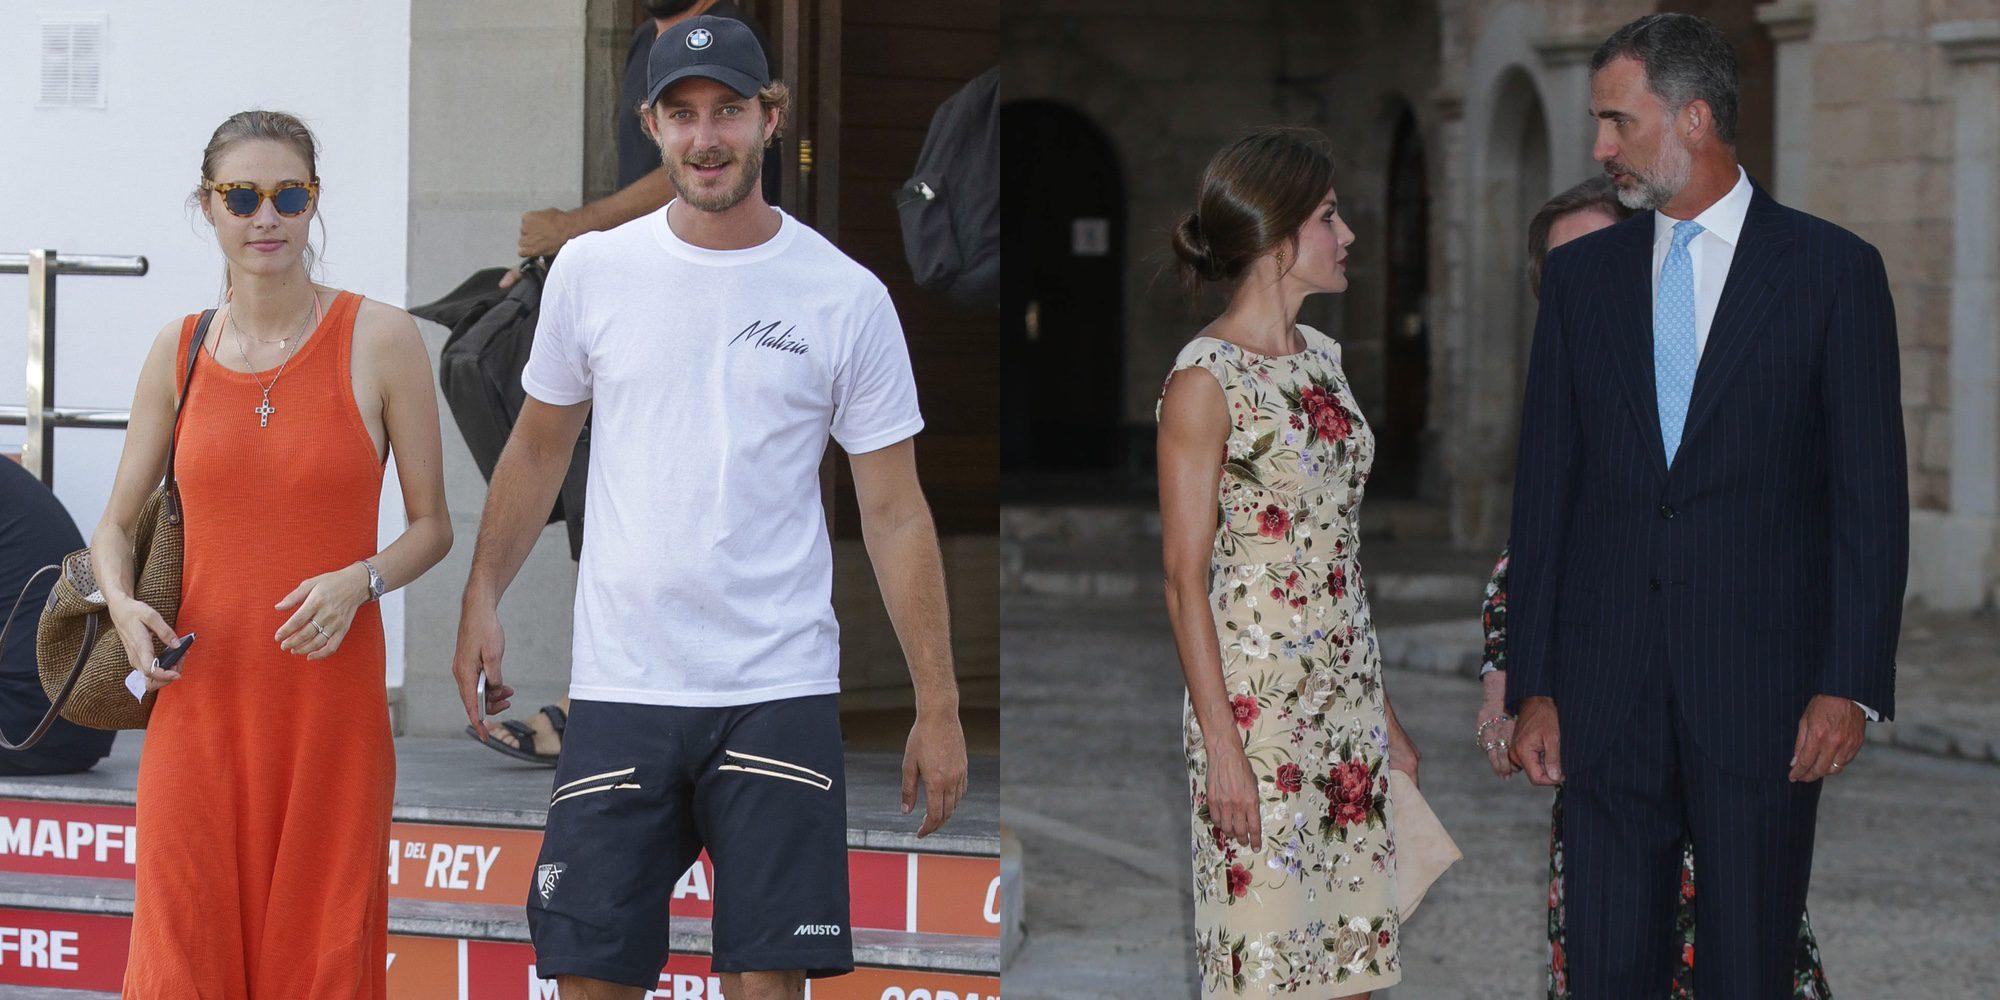 Pierre Casiraghi y Beatrice Borromeo destronan a Felipe y Letizia como reyes de Mallorca este verano 2017